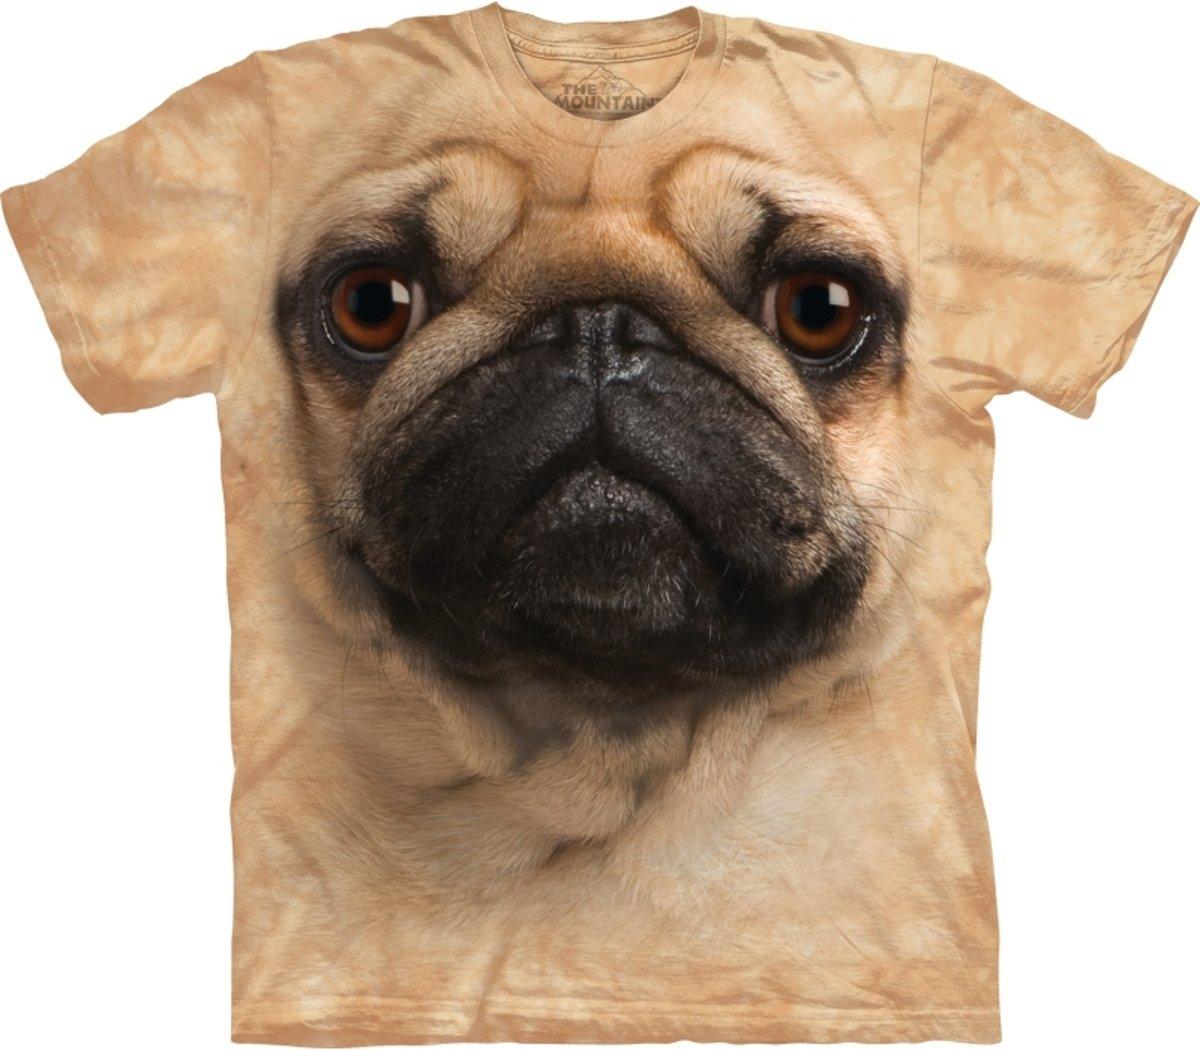 9531b968708 Mopshond-hond-verkleedset-voor-volwassenen-honden-kostuum-47 ...